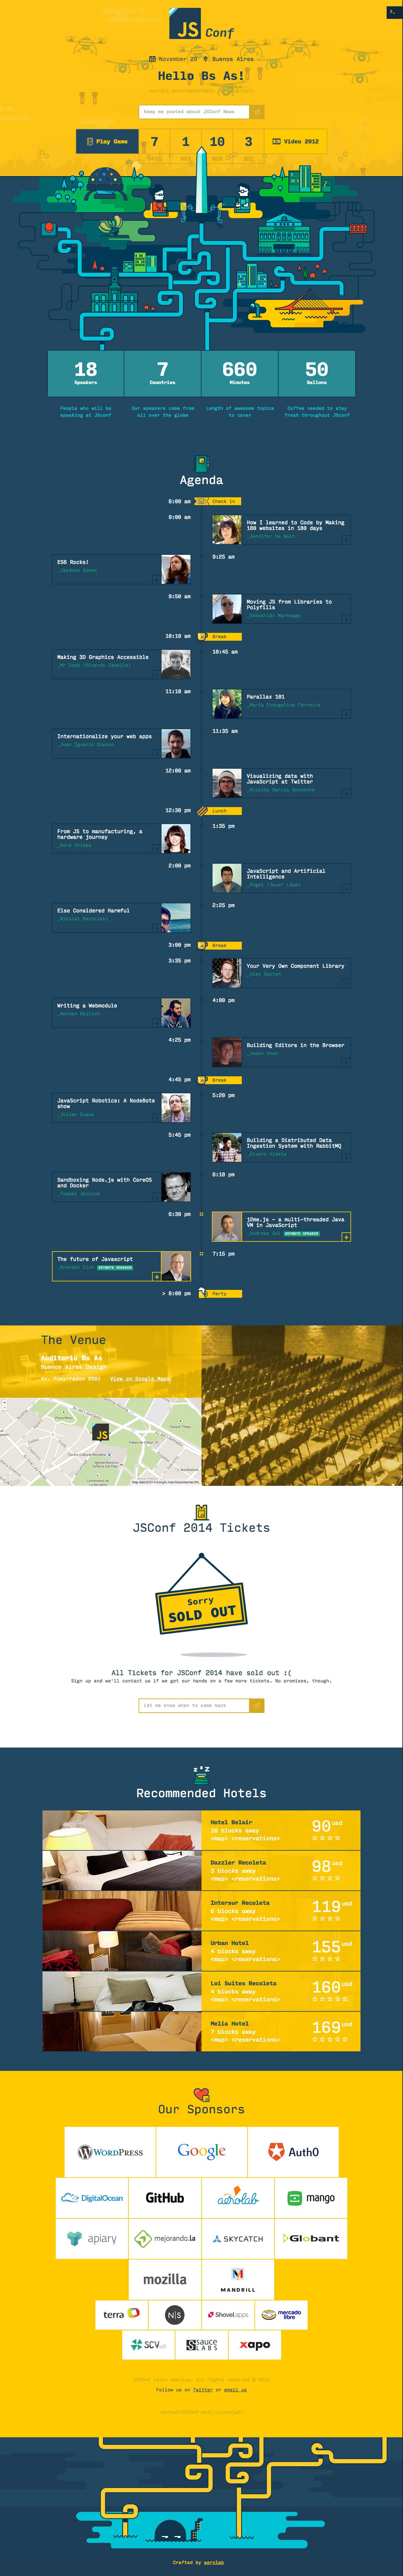 JSConf Website Screenshot